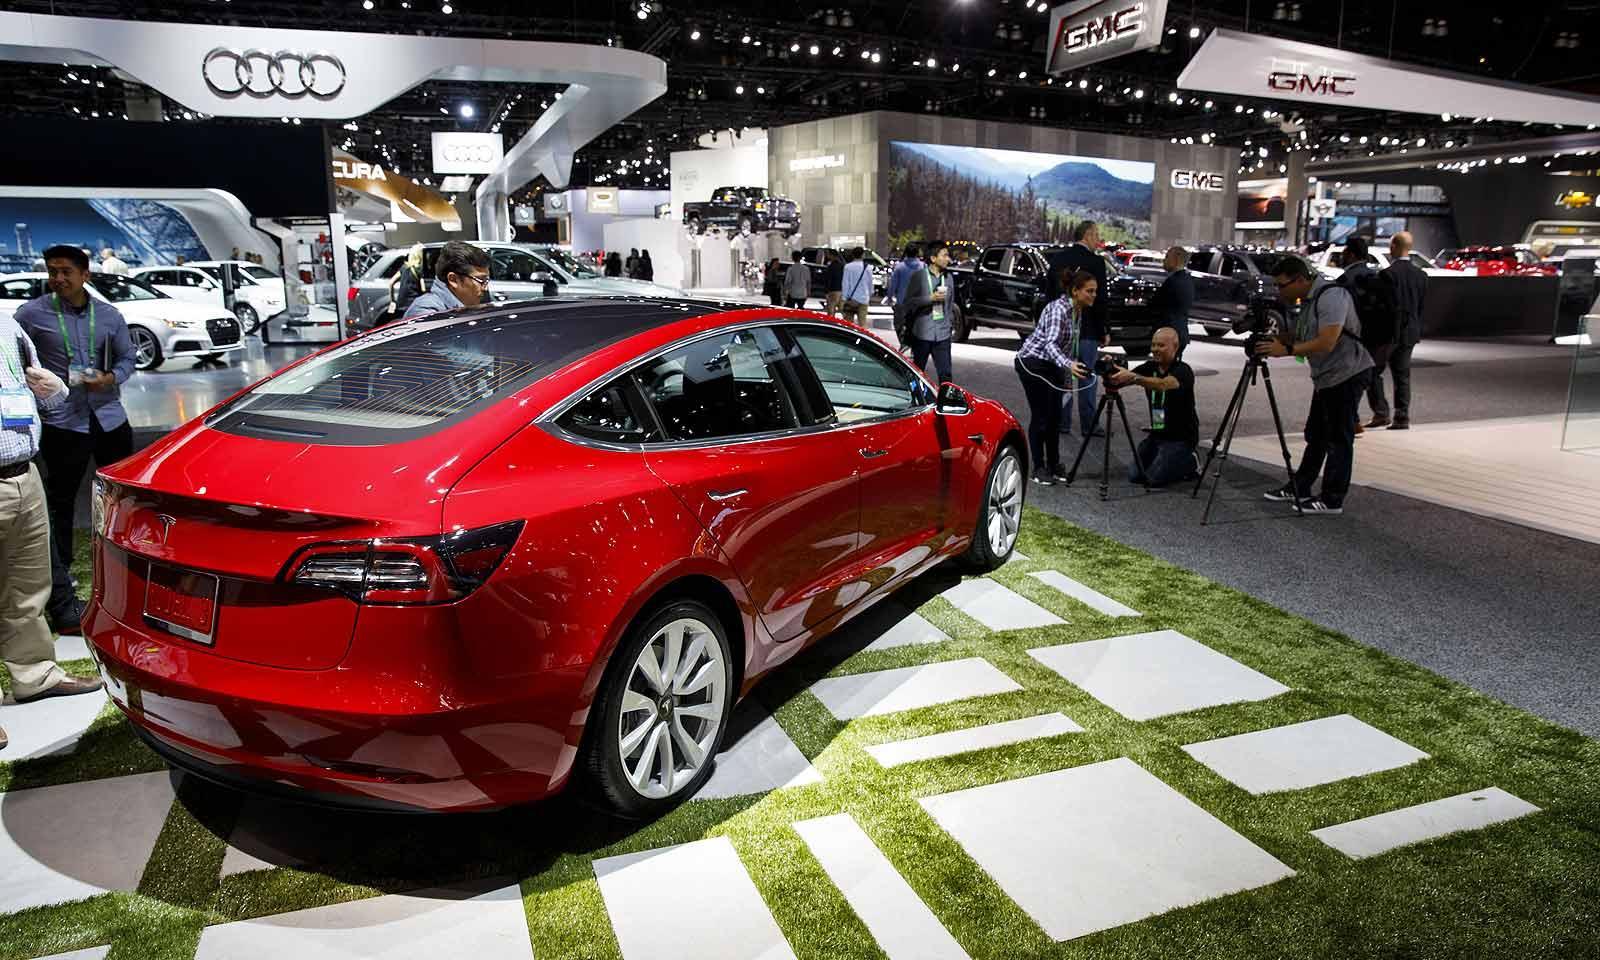 《消费者报告》测评特斯拉Model 3 称刹车距离长/操控不佳